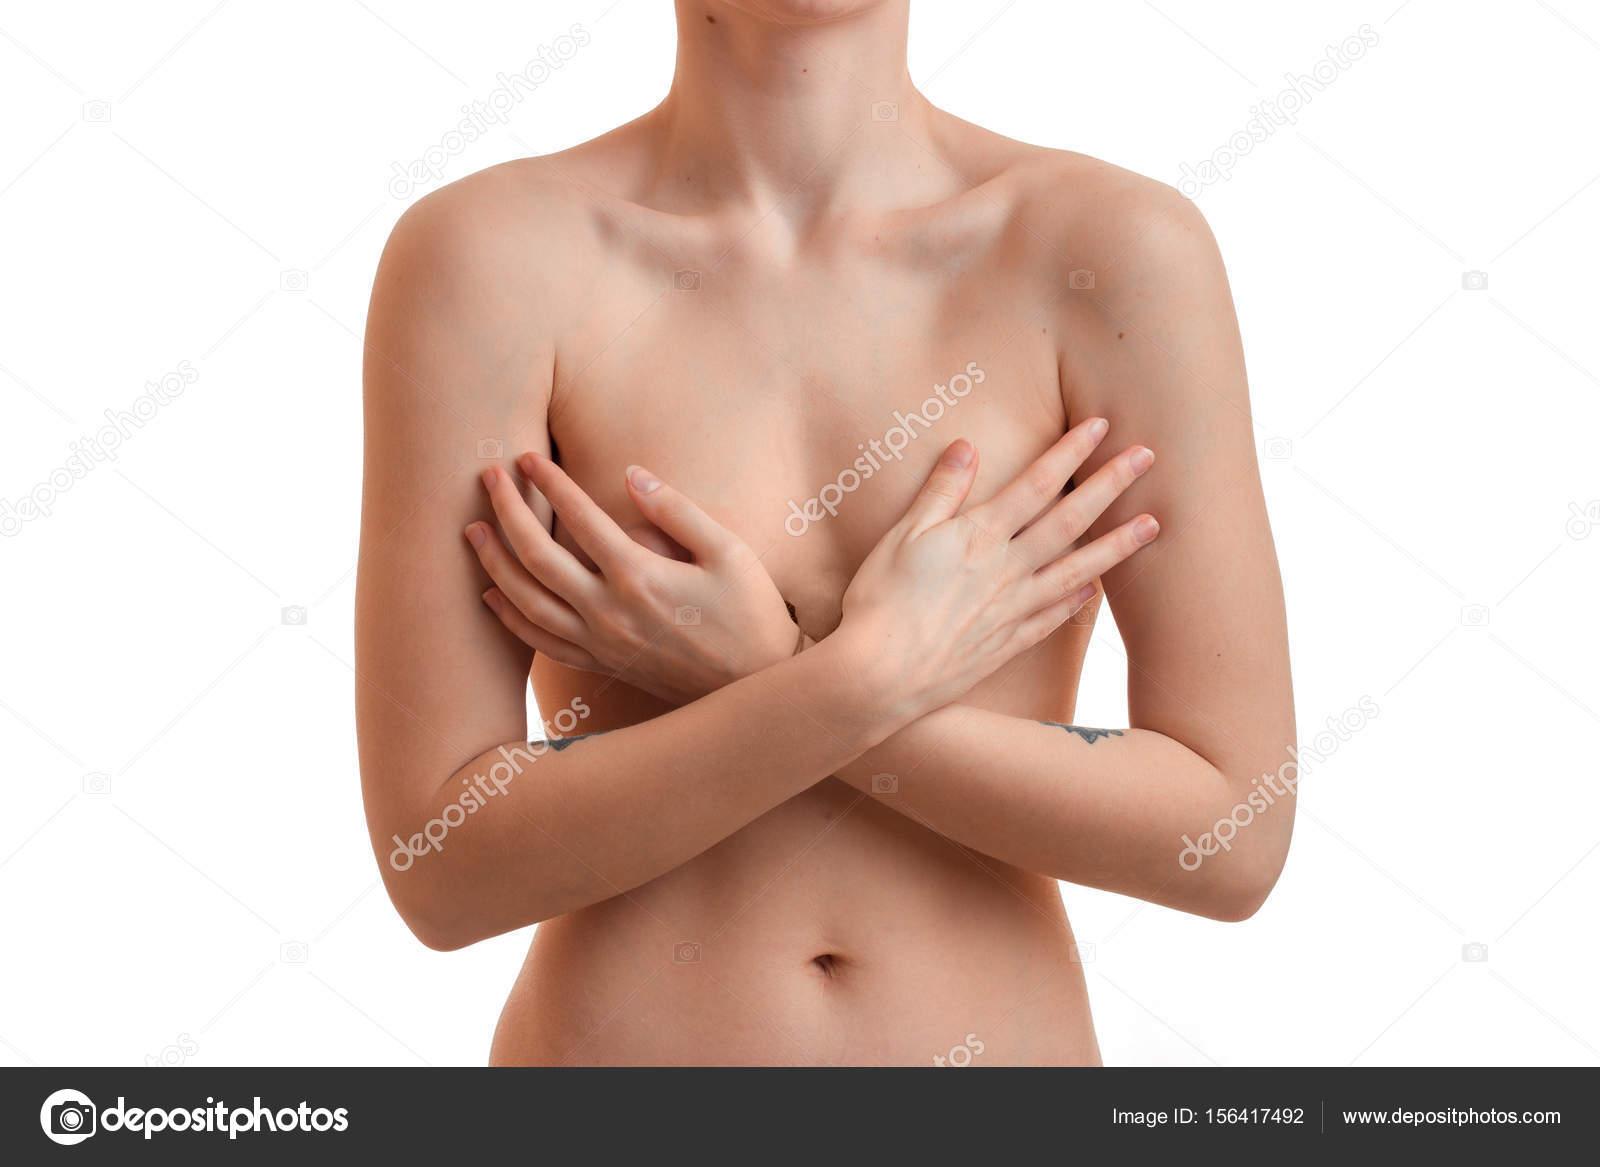 femmes nue qui se met la main